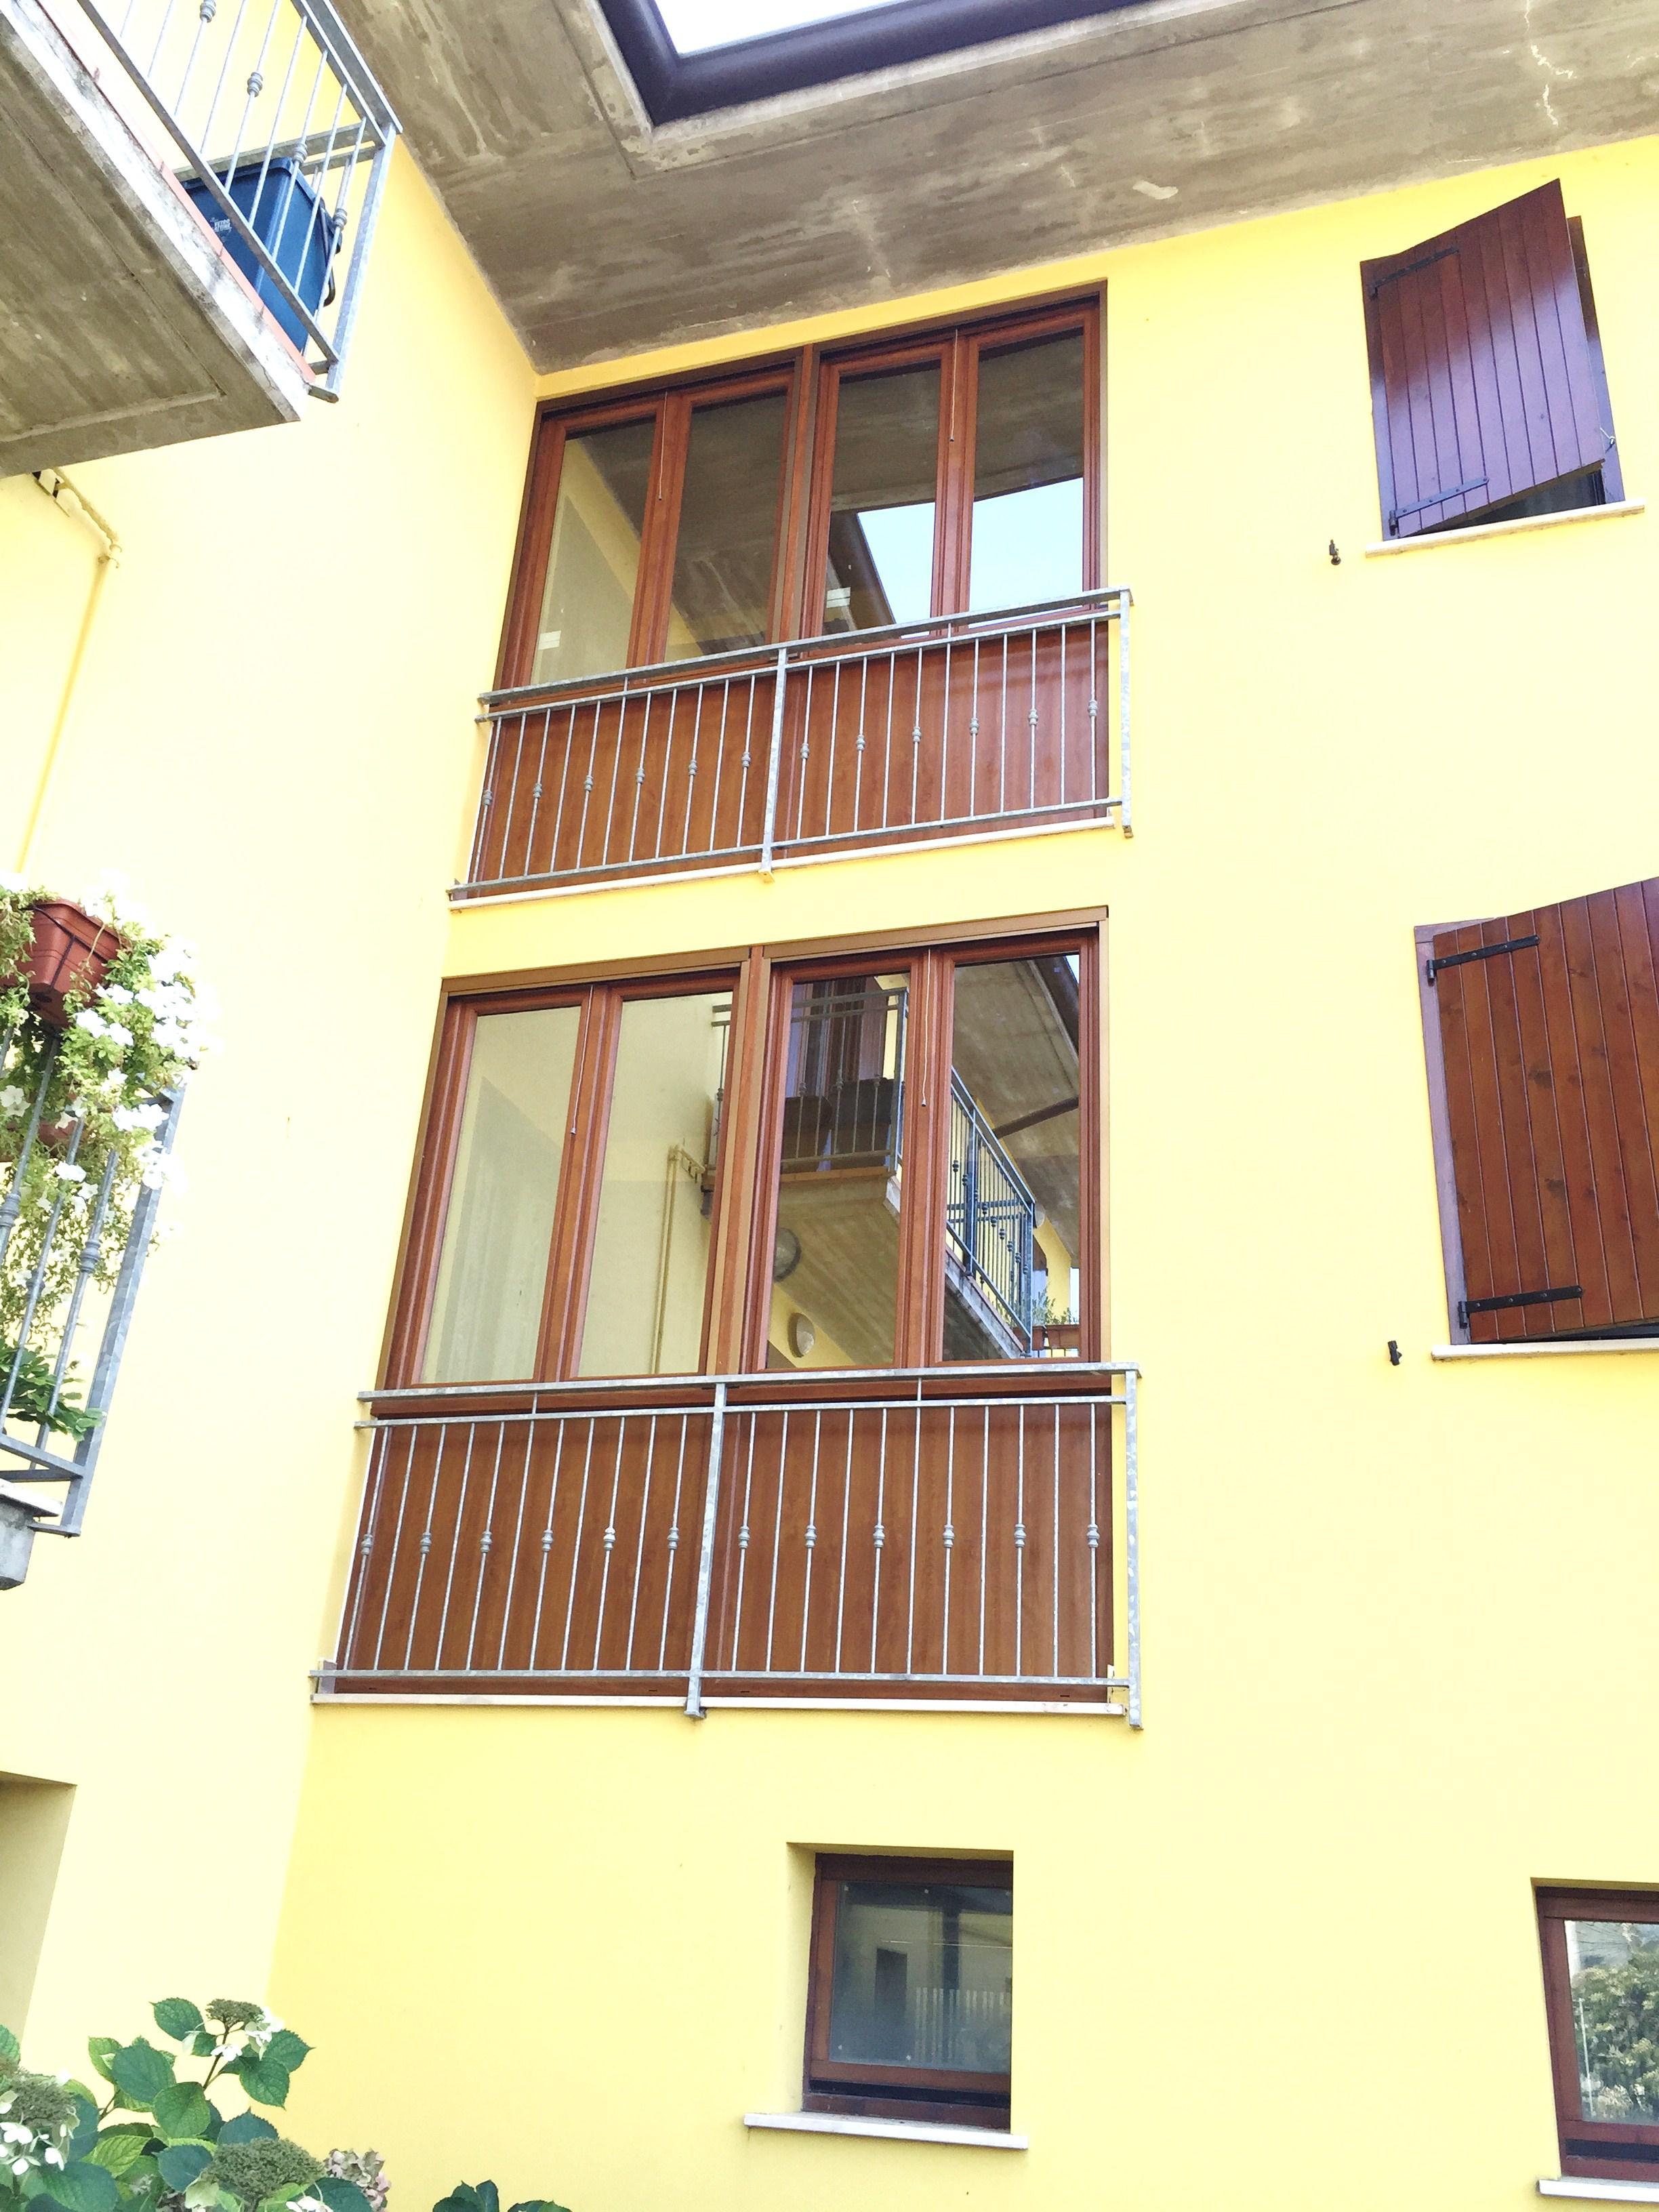 Chiusura balconi con serramenti in pvc , abitazioni a Asola (MN).